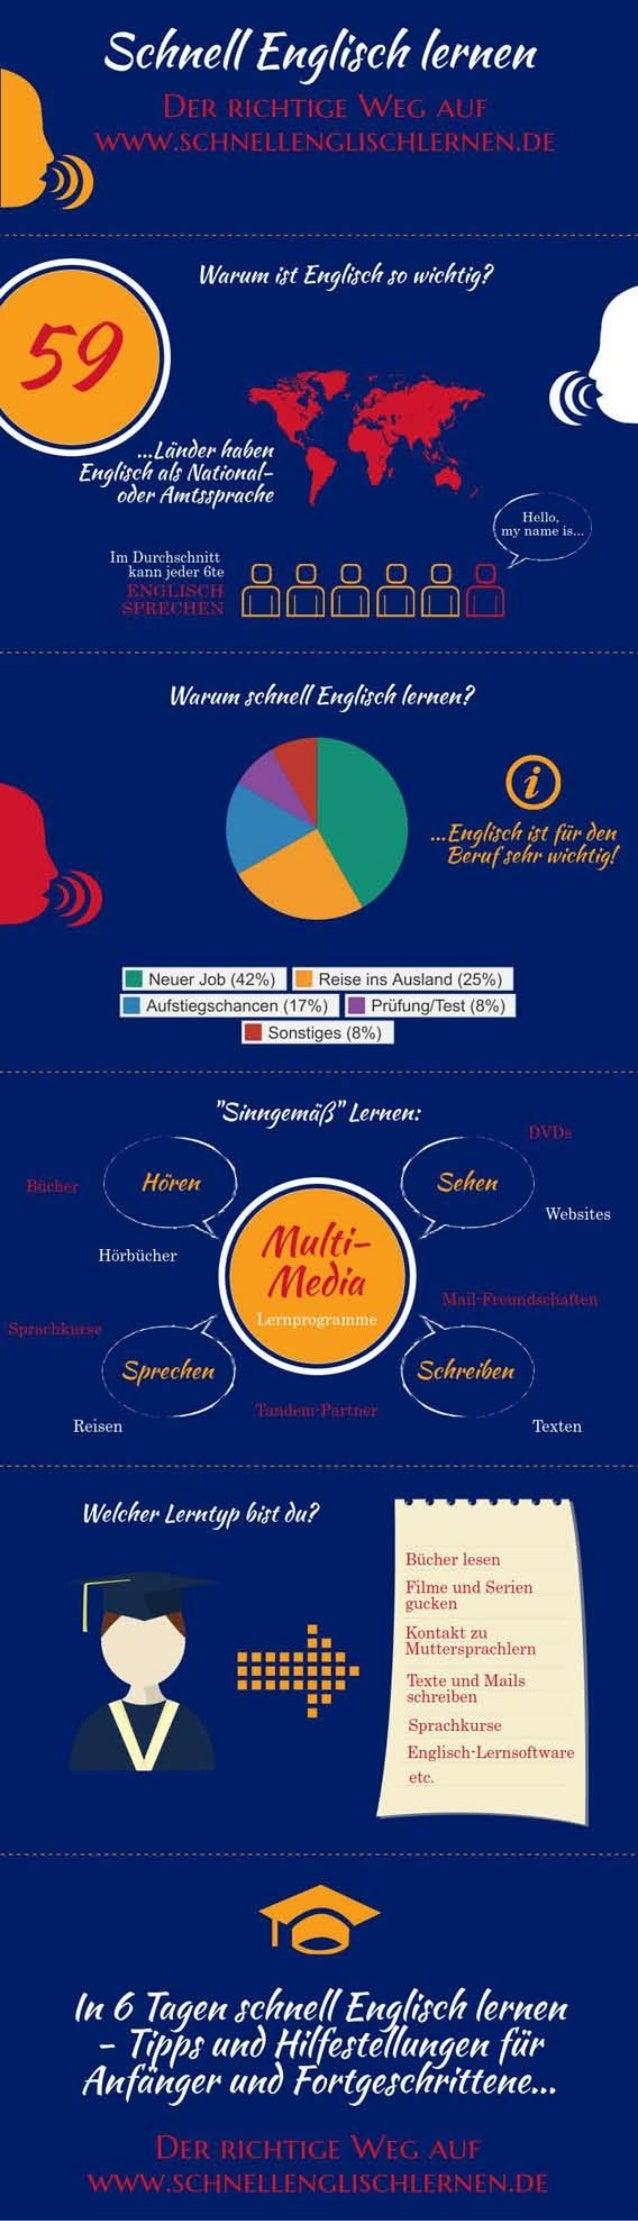 schnell Englisch lernen Infografik